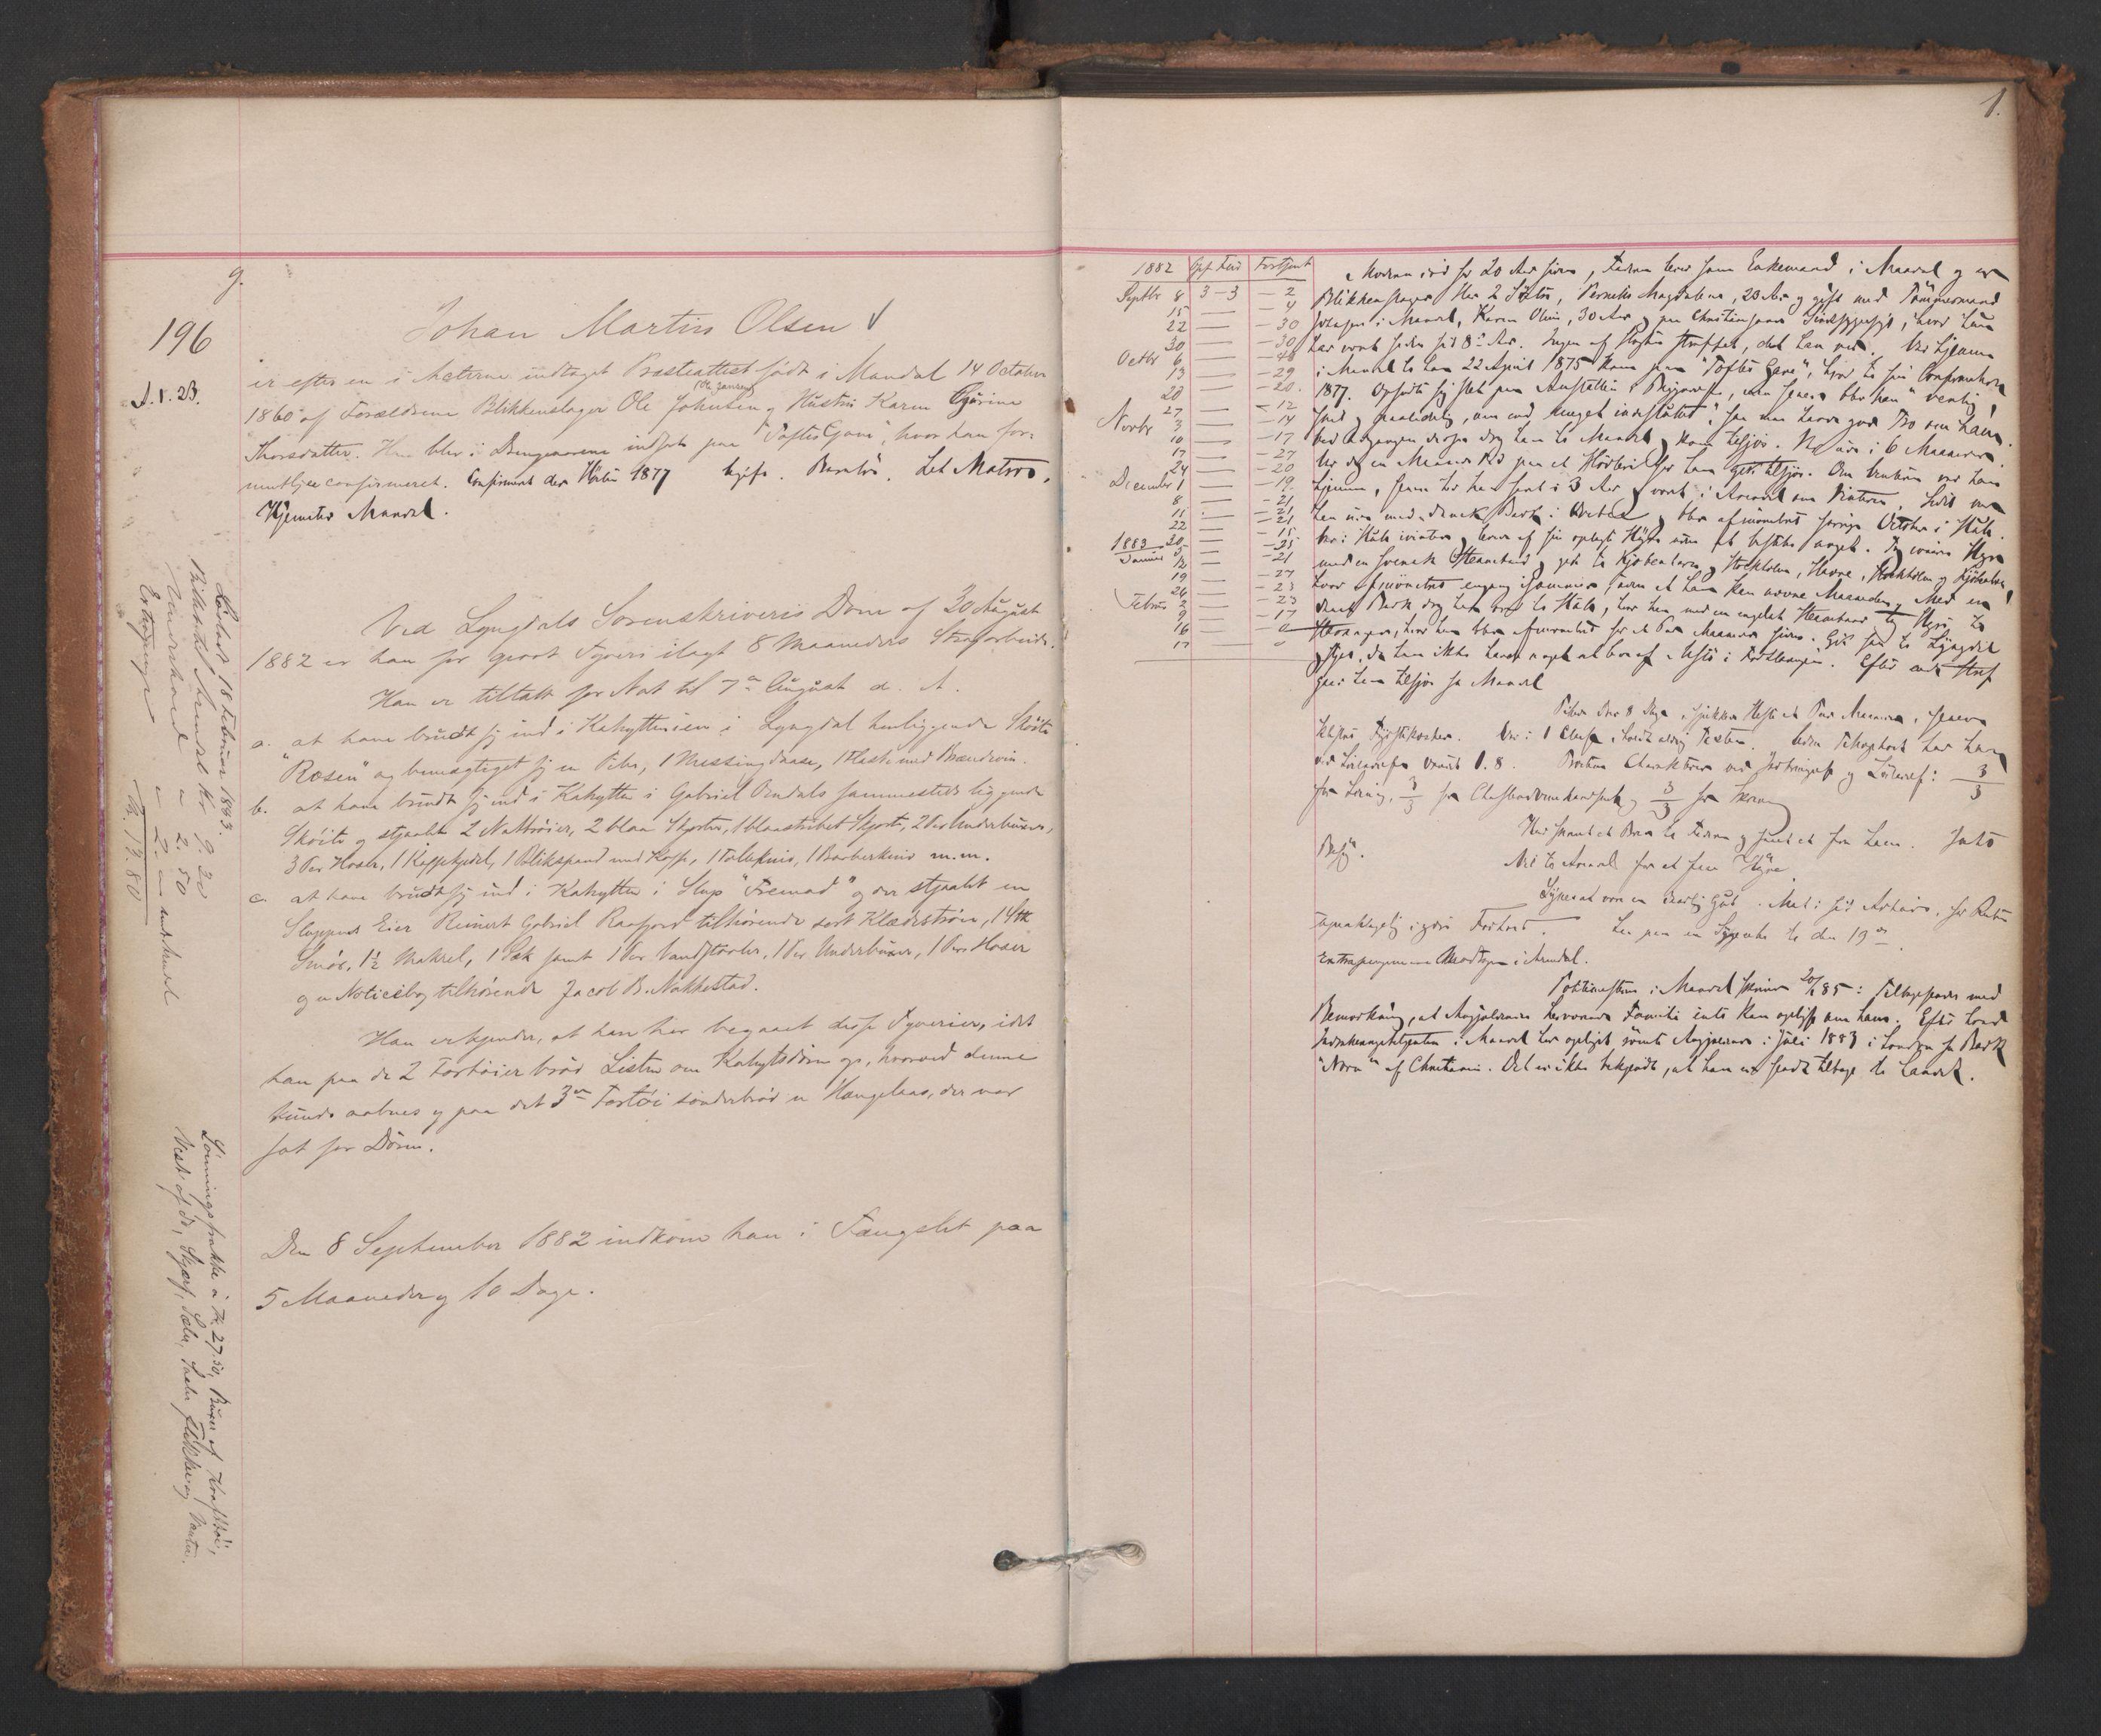 RA, Botsfengslet, D/Db/Dbb/L0021: 196g - 484g, 1882-1884, p. 1